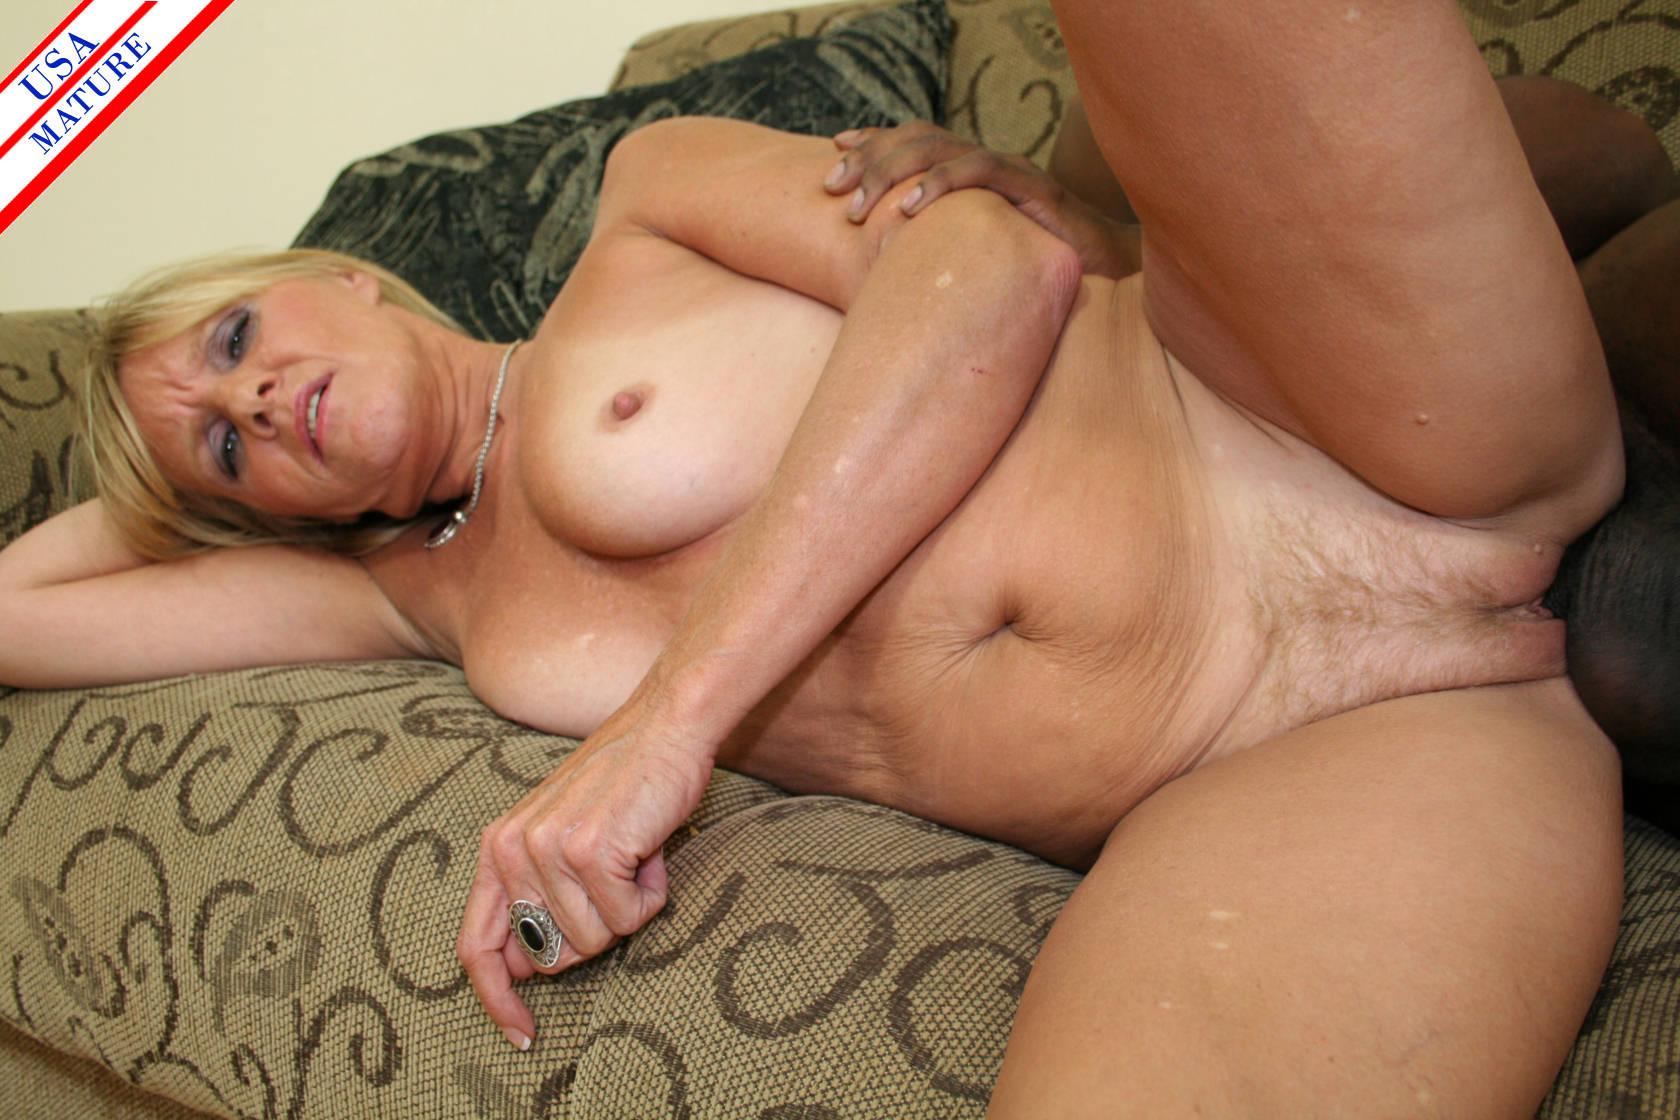 girl orgasm naked hardcore